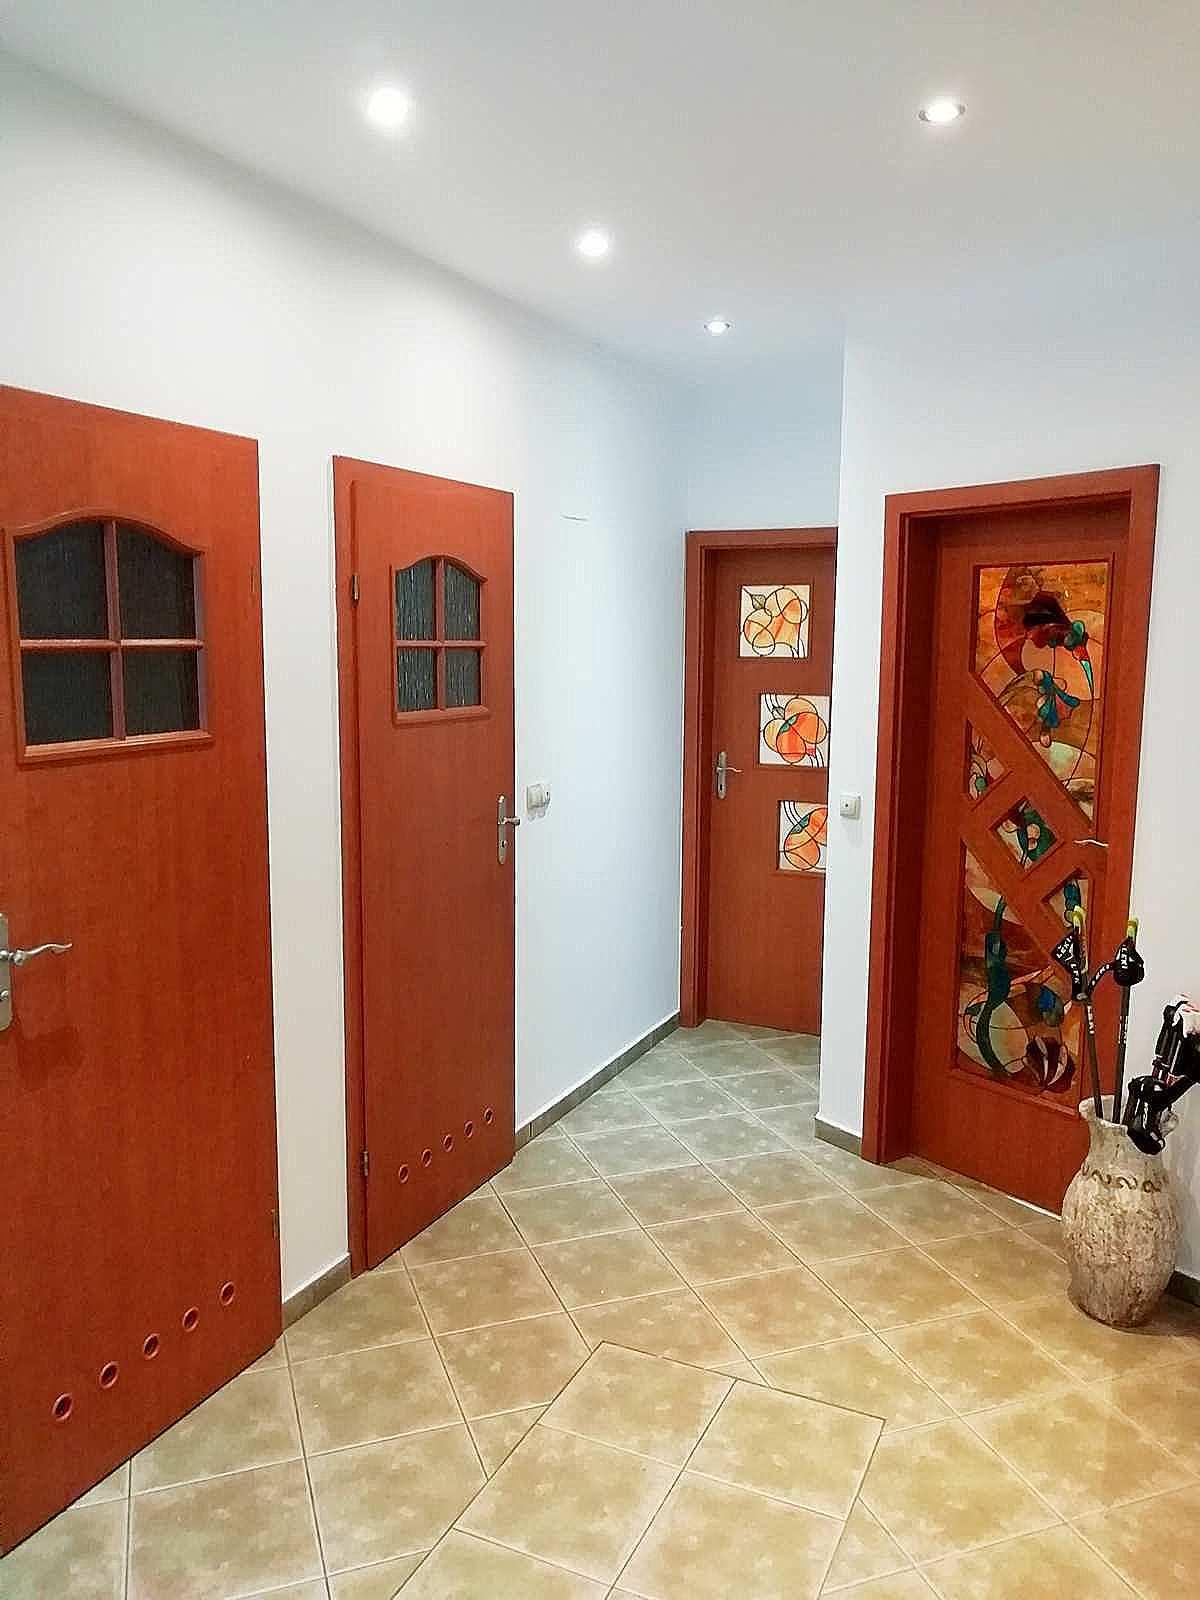 przedpokój apartamentu fabryka endorfin w kłodzku/Hall in apartment Fabryka Endorfin Klodzko